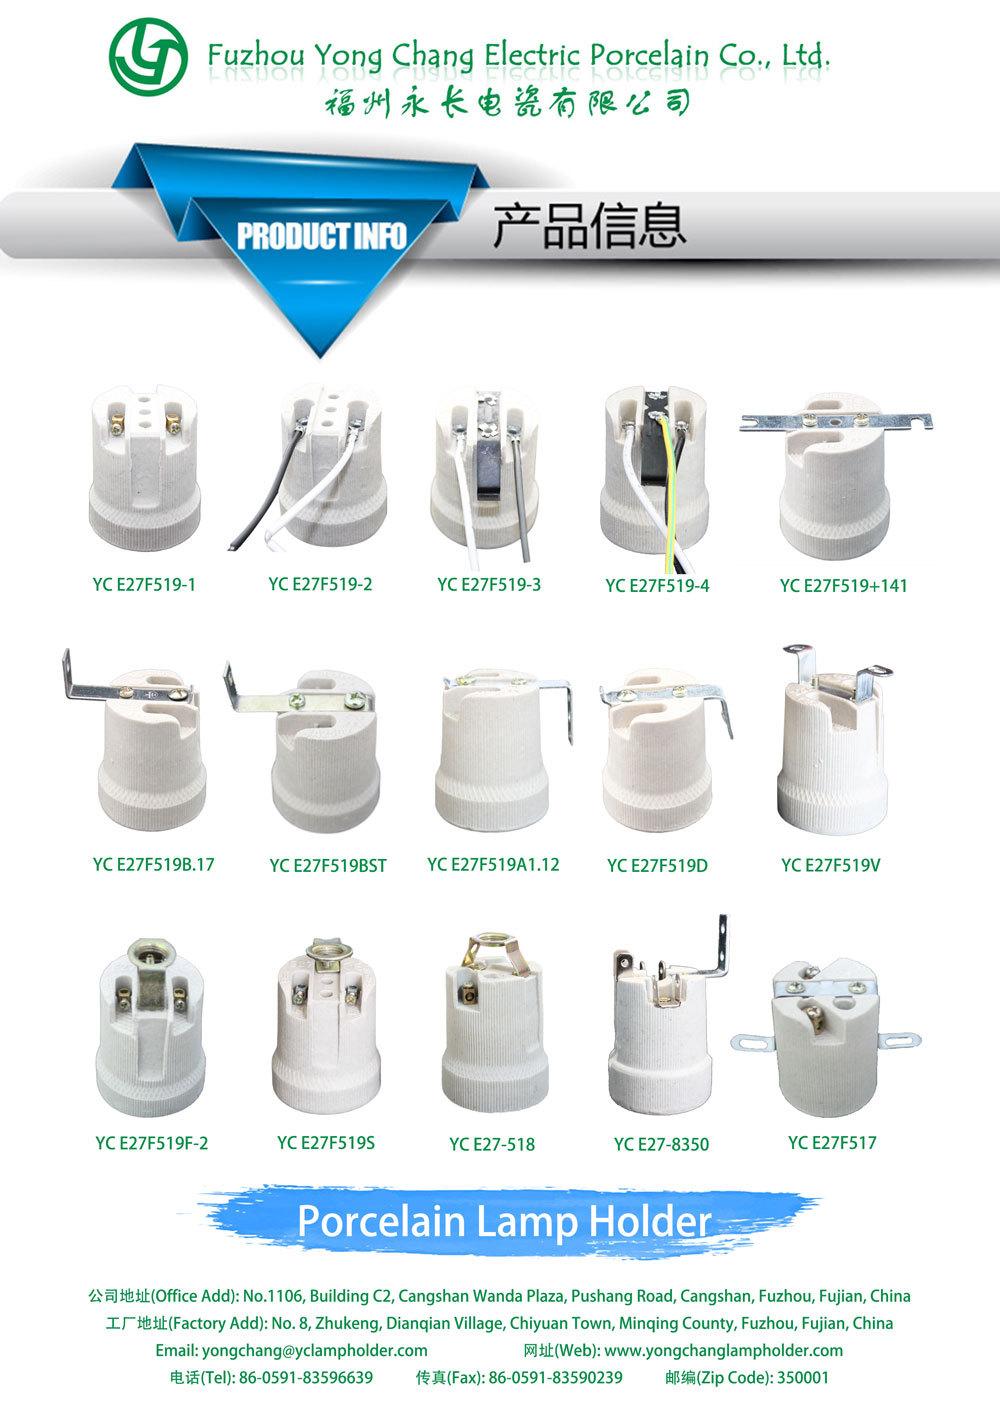 e27 ceramic lamp bulb light socket porcelain lamp holder with wires rh alibaba com E-40 Lamp Holder Walk E-40 Lamp Holder Walk